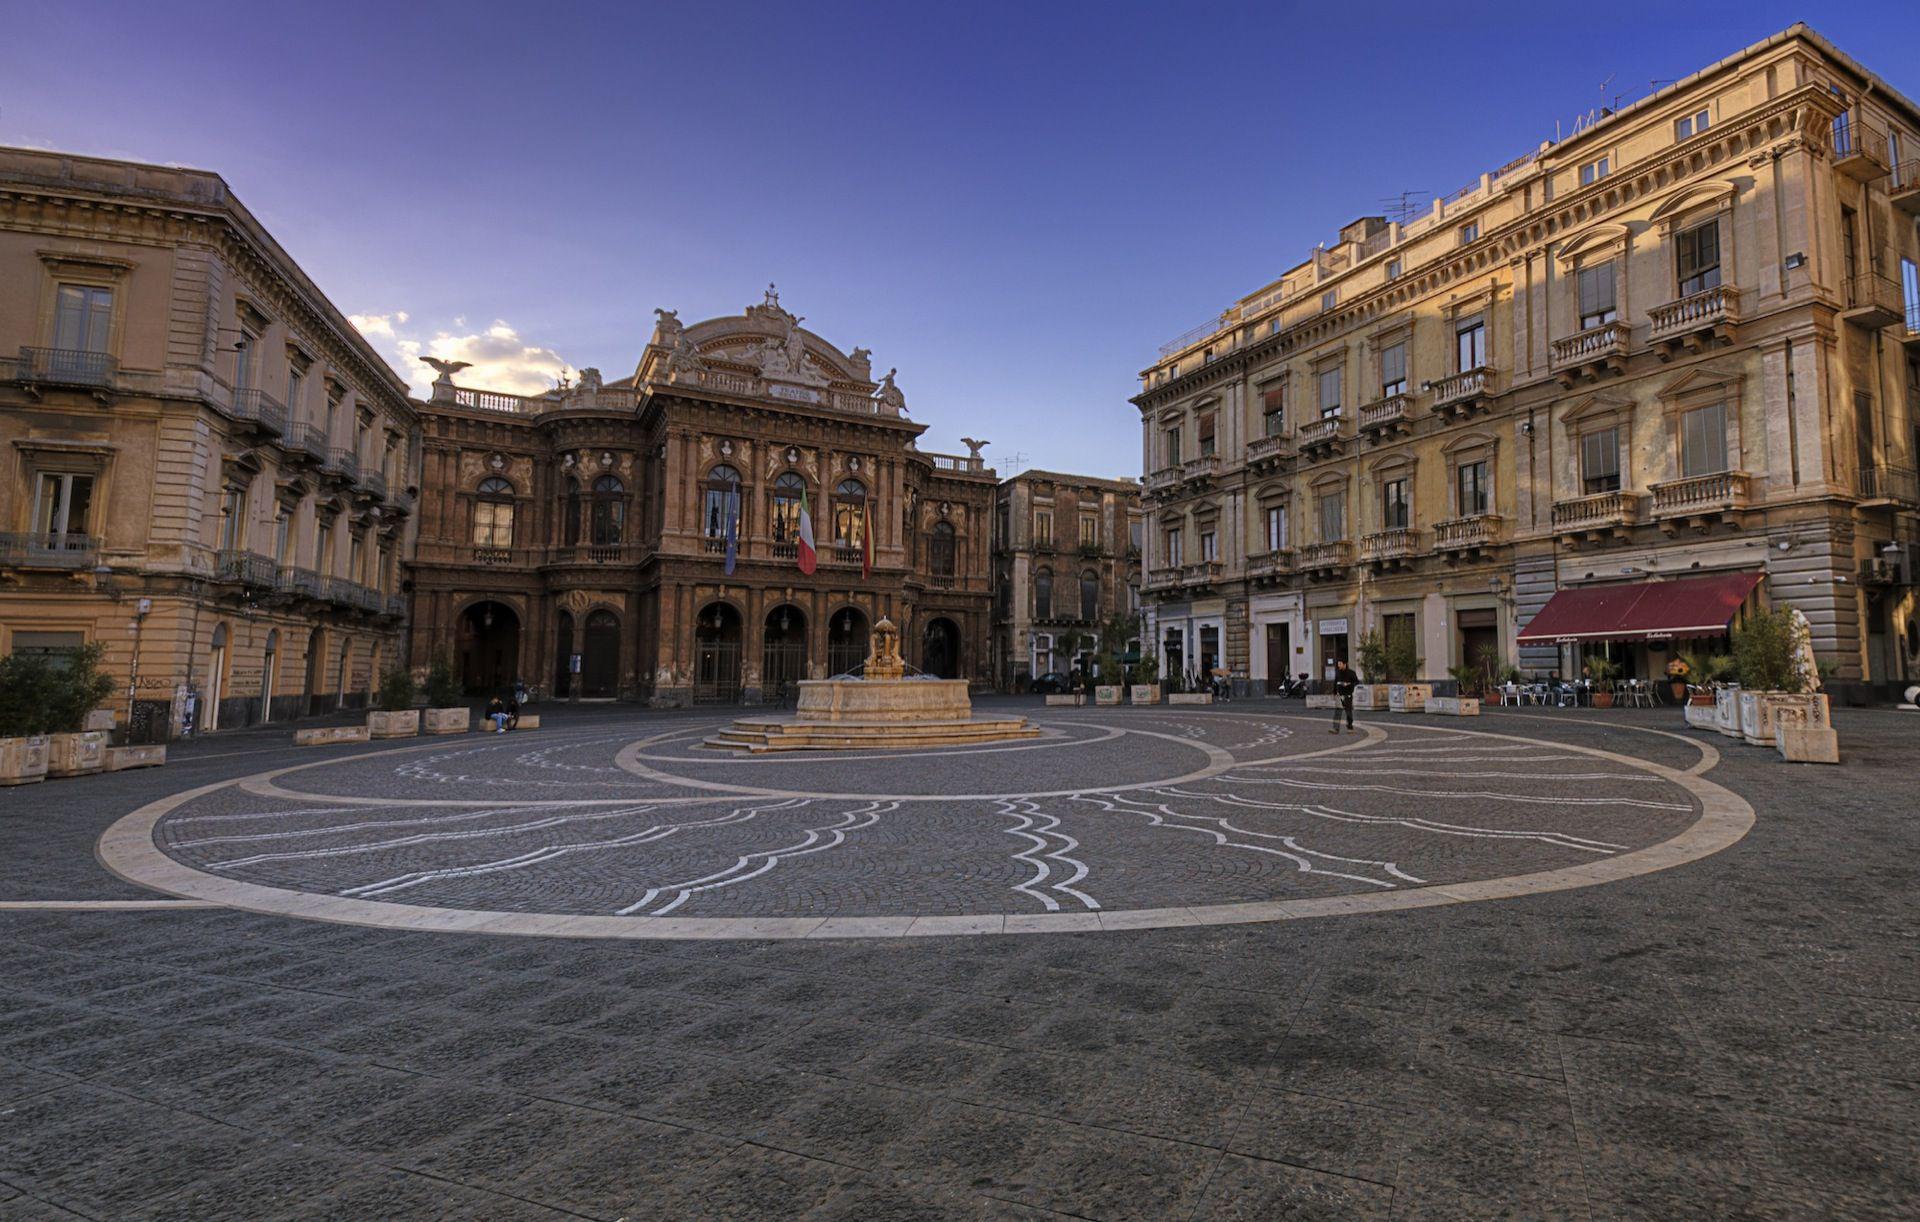 Riqualificazione in pietra lavica di piazza teatro massimo for Arredo in via cavaliere catania